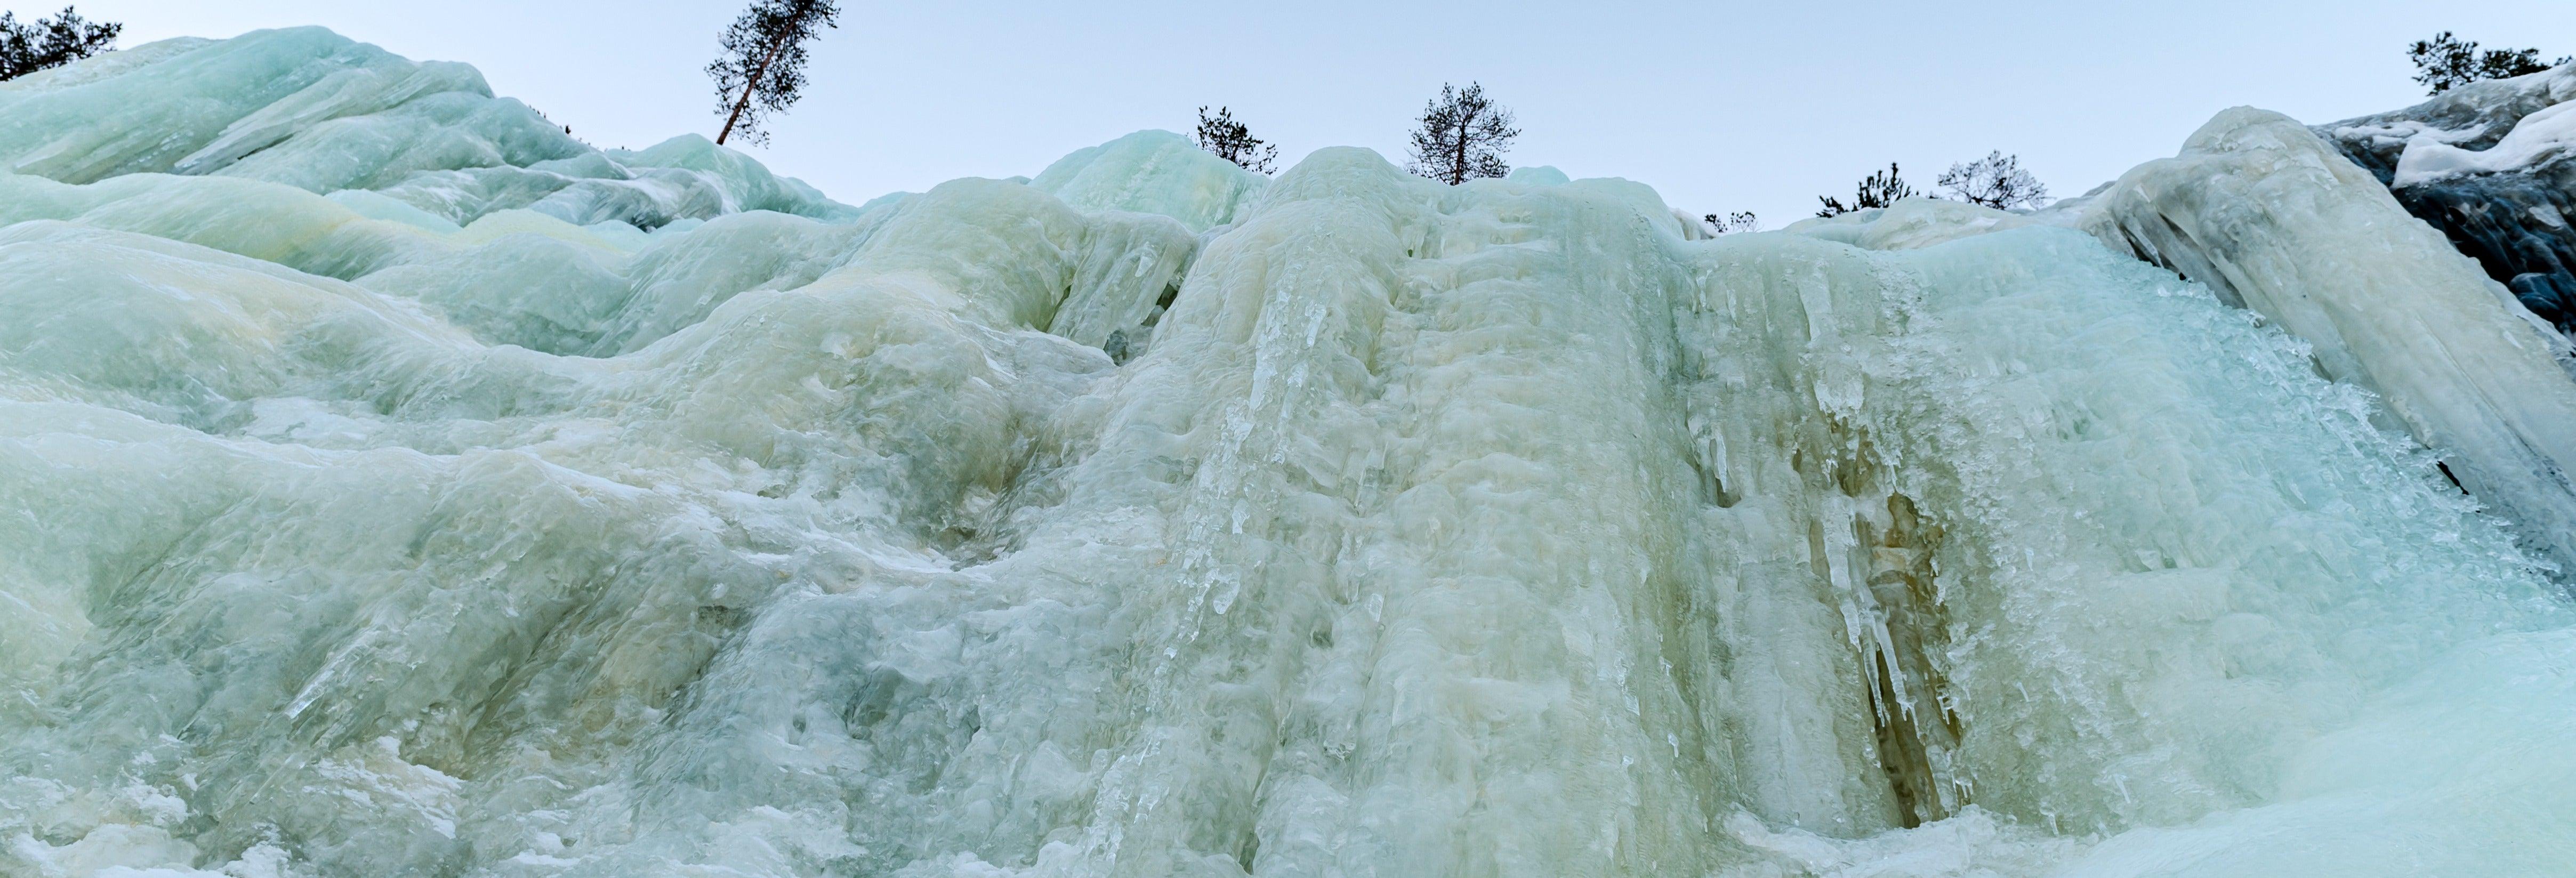 Excursión a las cascadas congeladas de Korouoma